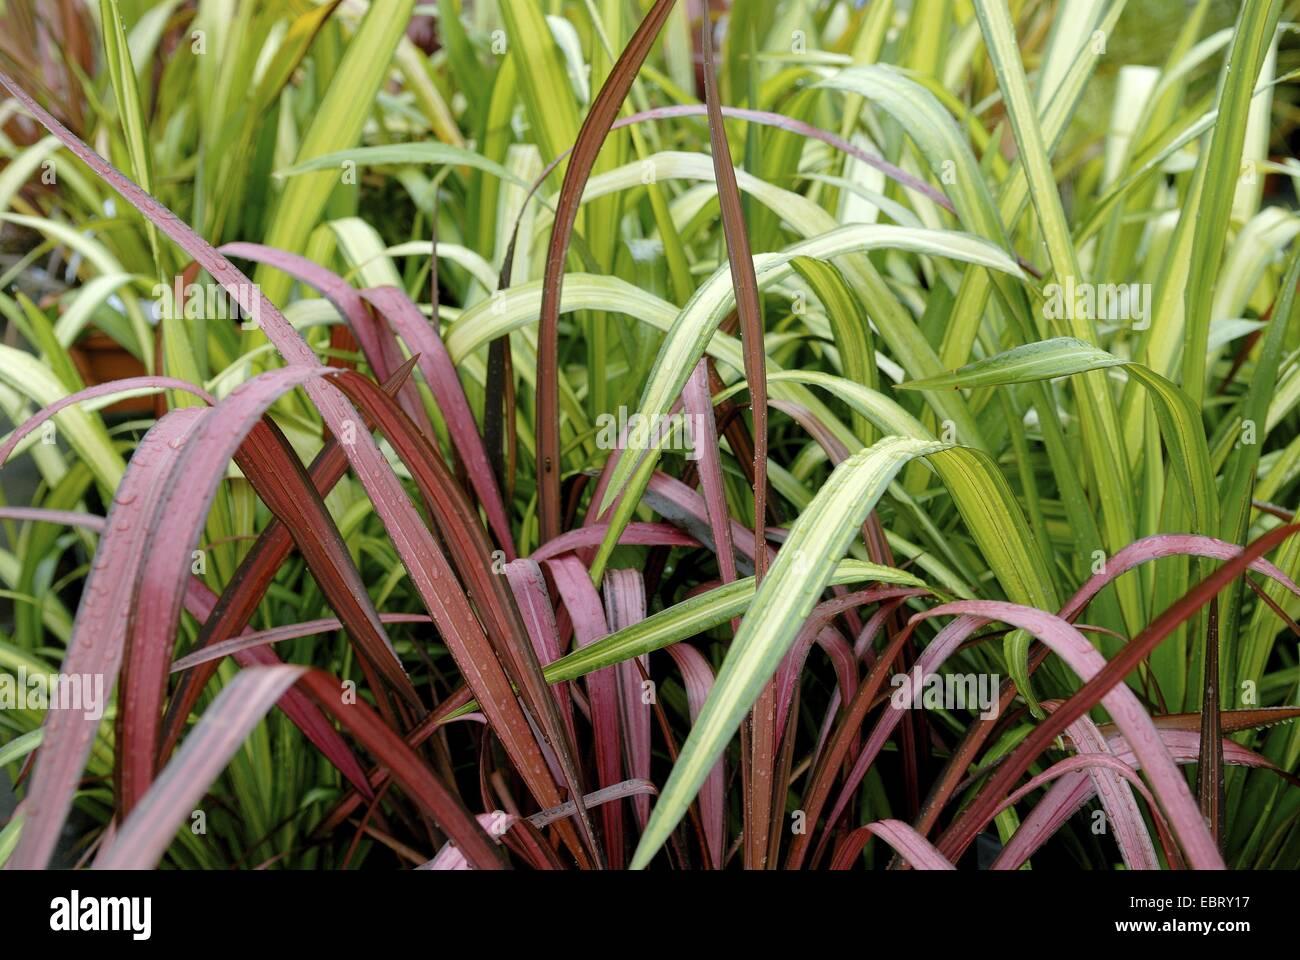 Le lin de Nouvelle-Zélande (Phormium 'Yellow Wave', le Phormium Yellow Wave), le cultivar vague jaune Photo Stock